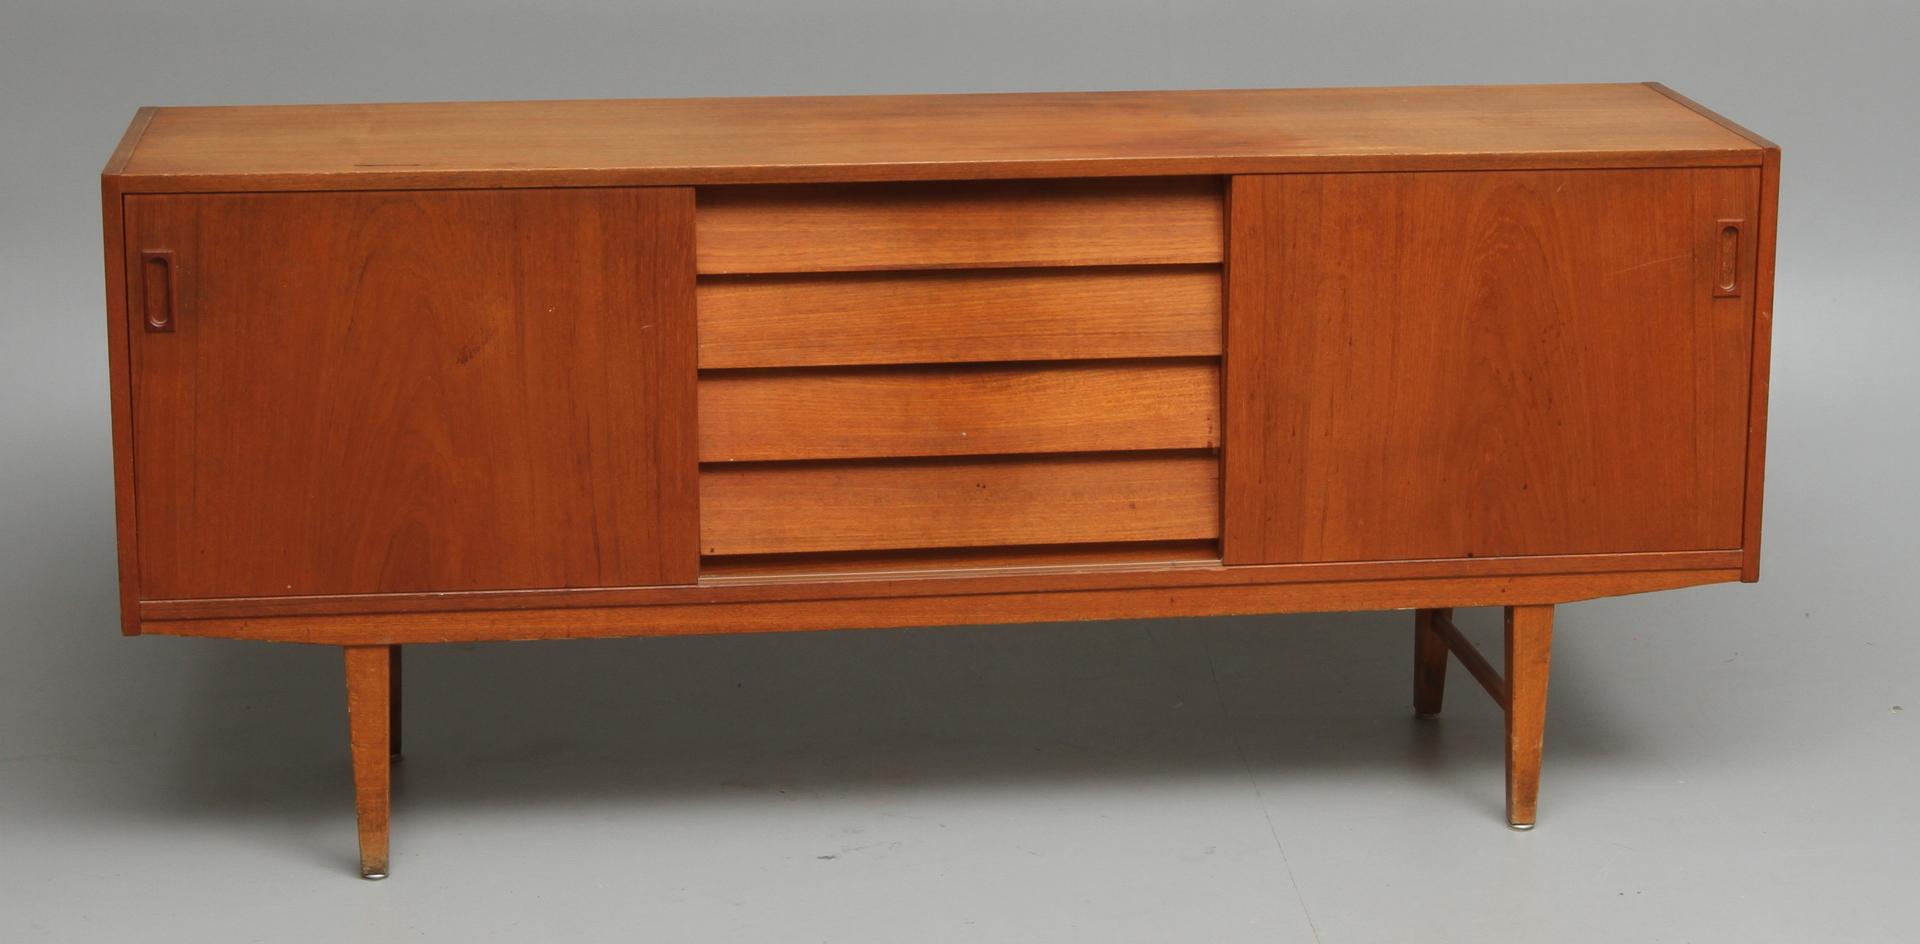 Handväskor 60 Tal : Bilder f?r sideboard teak tal auctionet